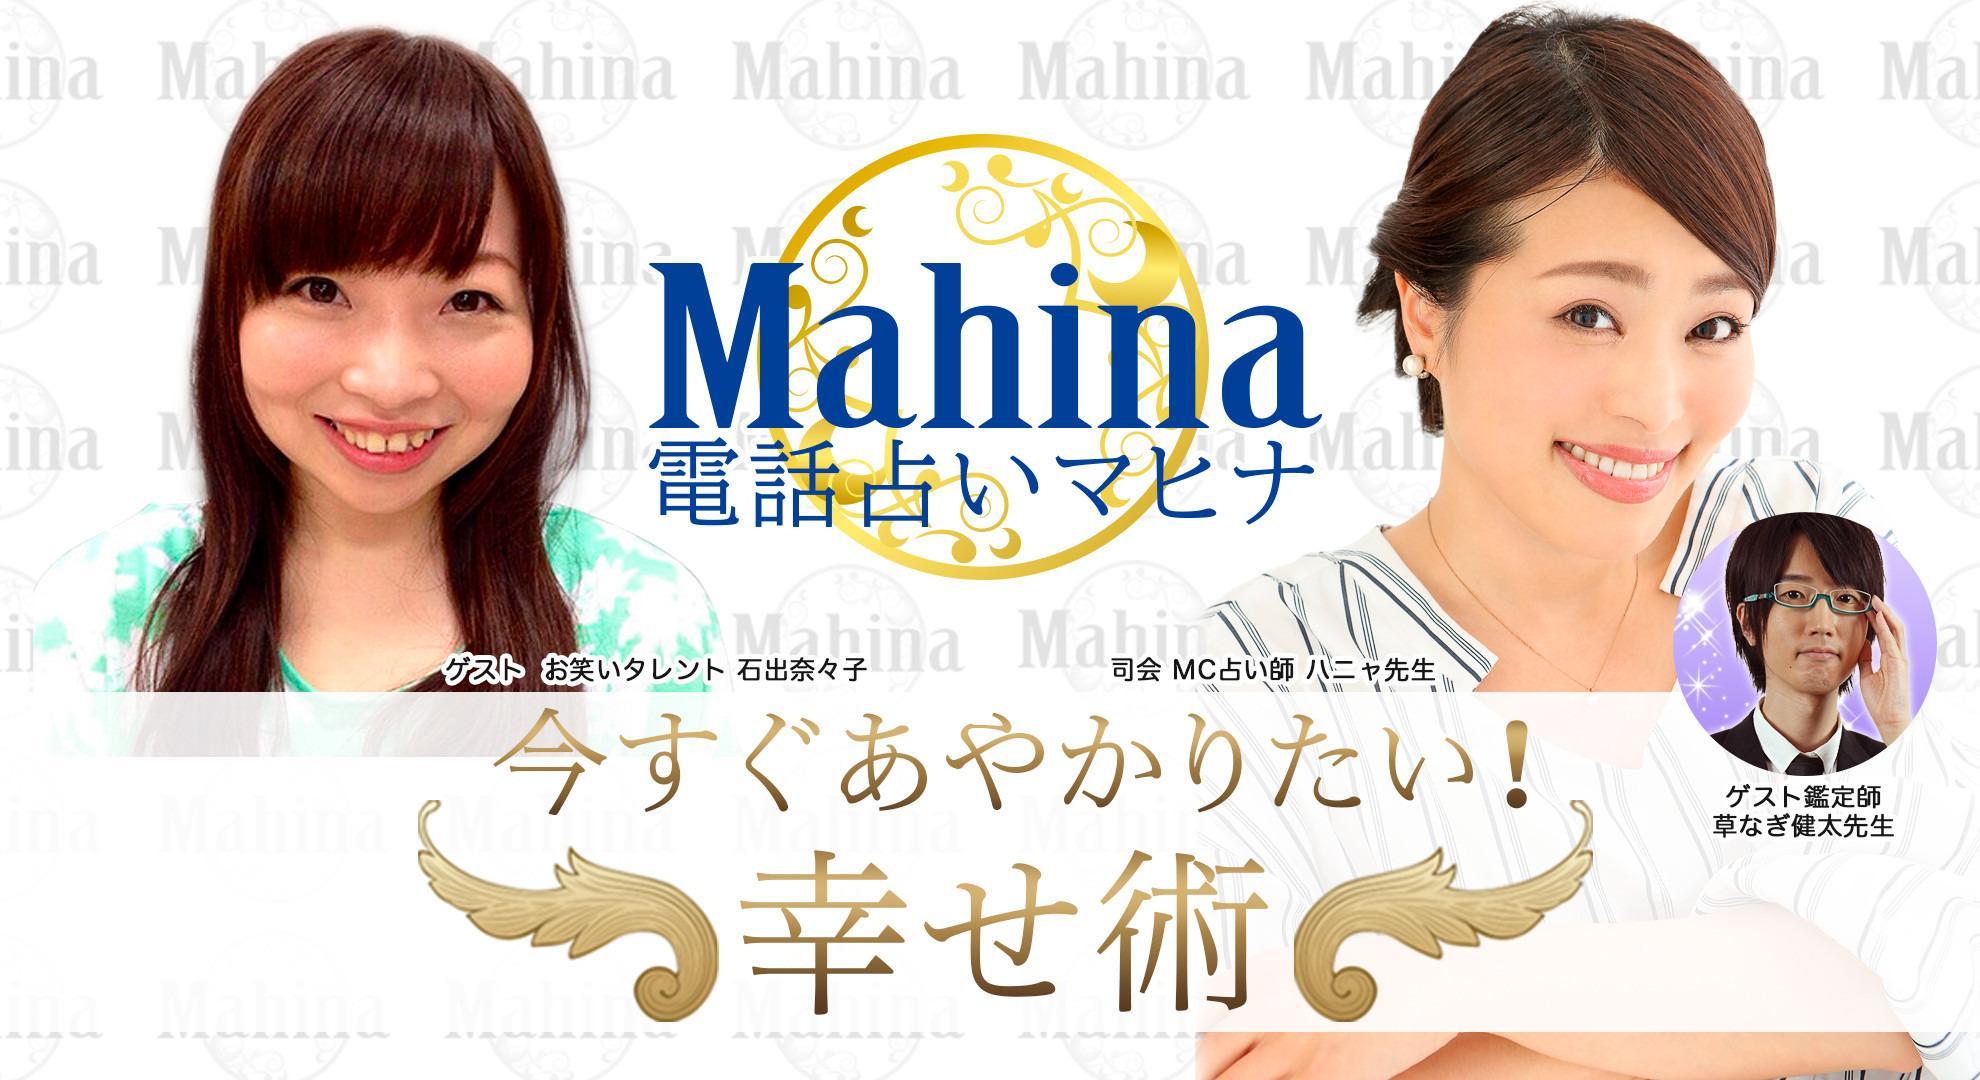 草彅健太先生が石出奈々子さん出演「電話占いマヒナ今すぐあやかりたい!幸せ術」に生出演